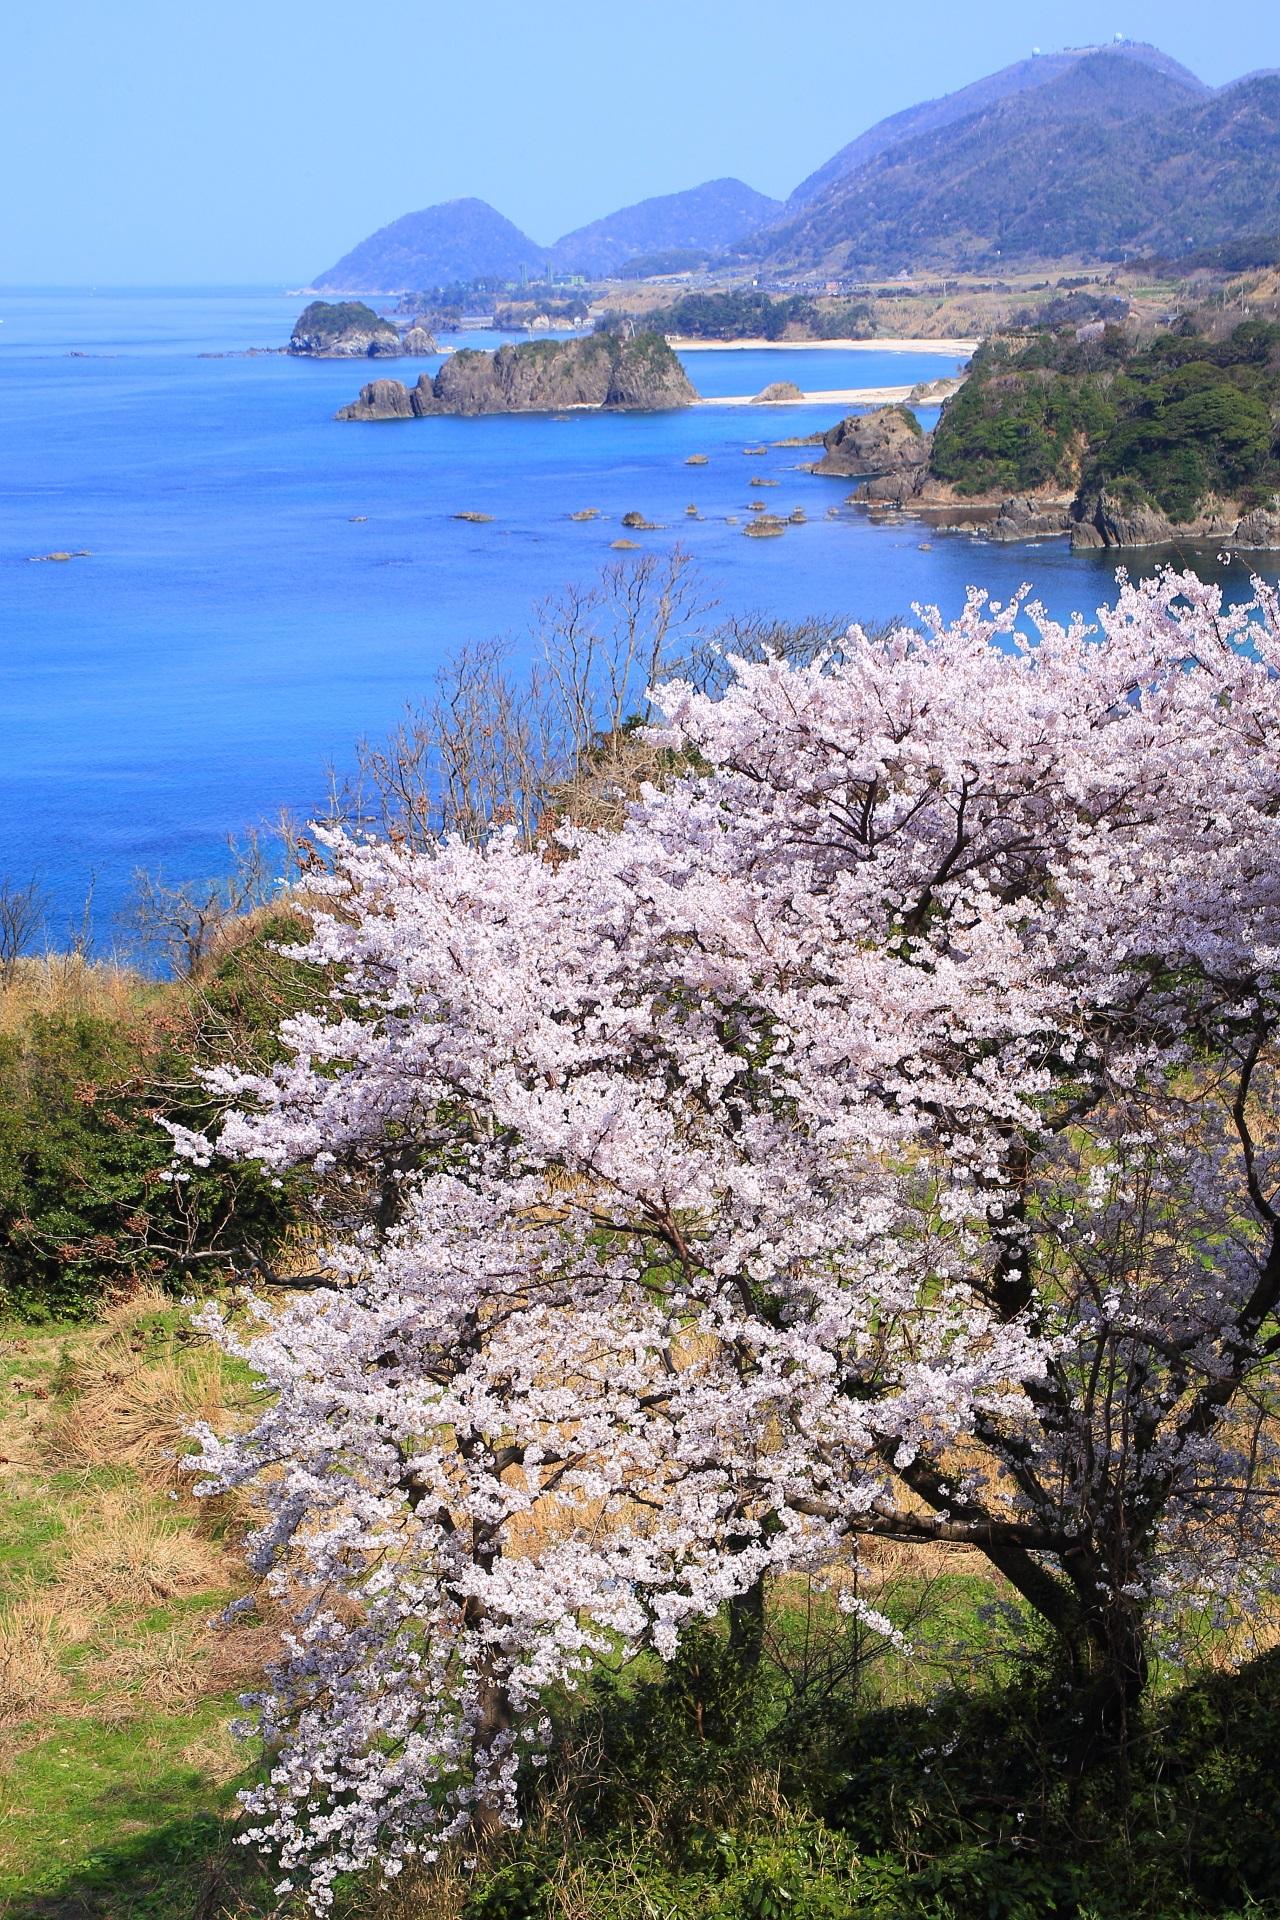 丹後松島の海の絶景を背に溢れんばかりに咲き誇る桜